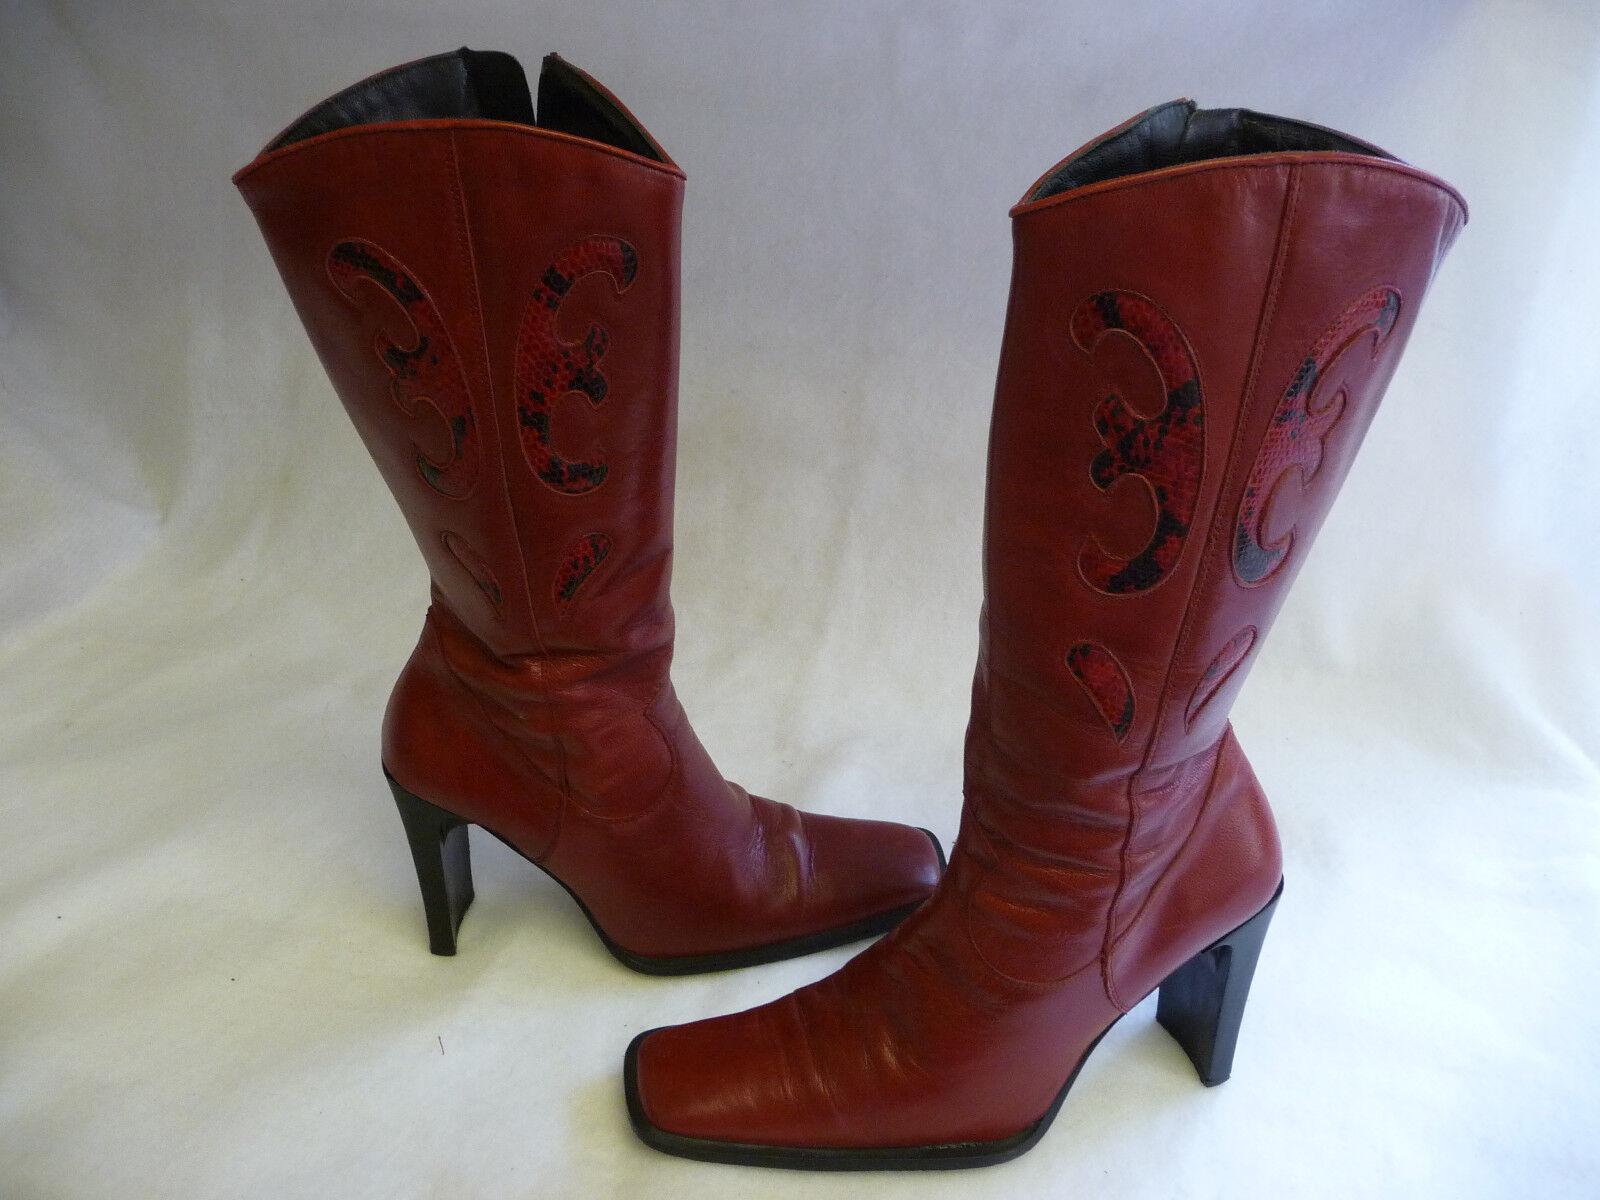 Guess Femme Bottes mi-hauteur 8.5 Rouge de l'Espagne à l'intérieur Zipper Peau De Serpent Cuir Bout Carré